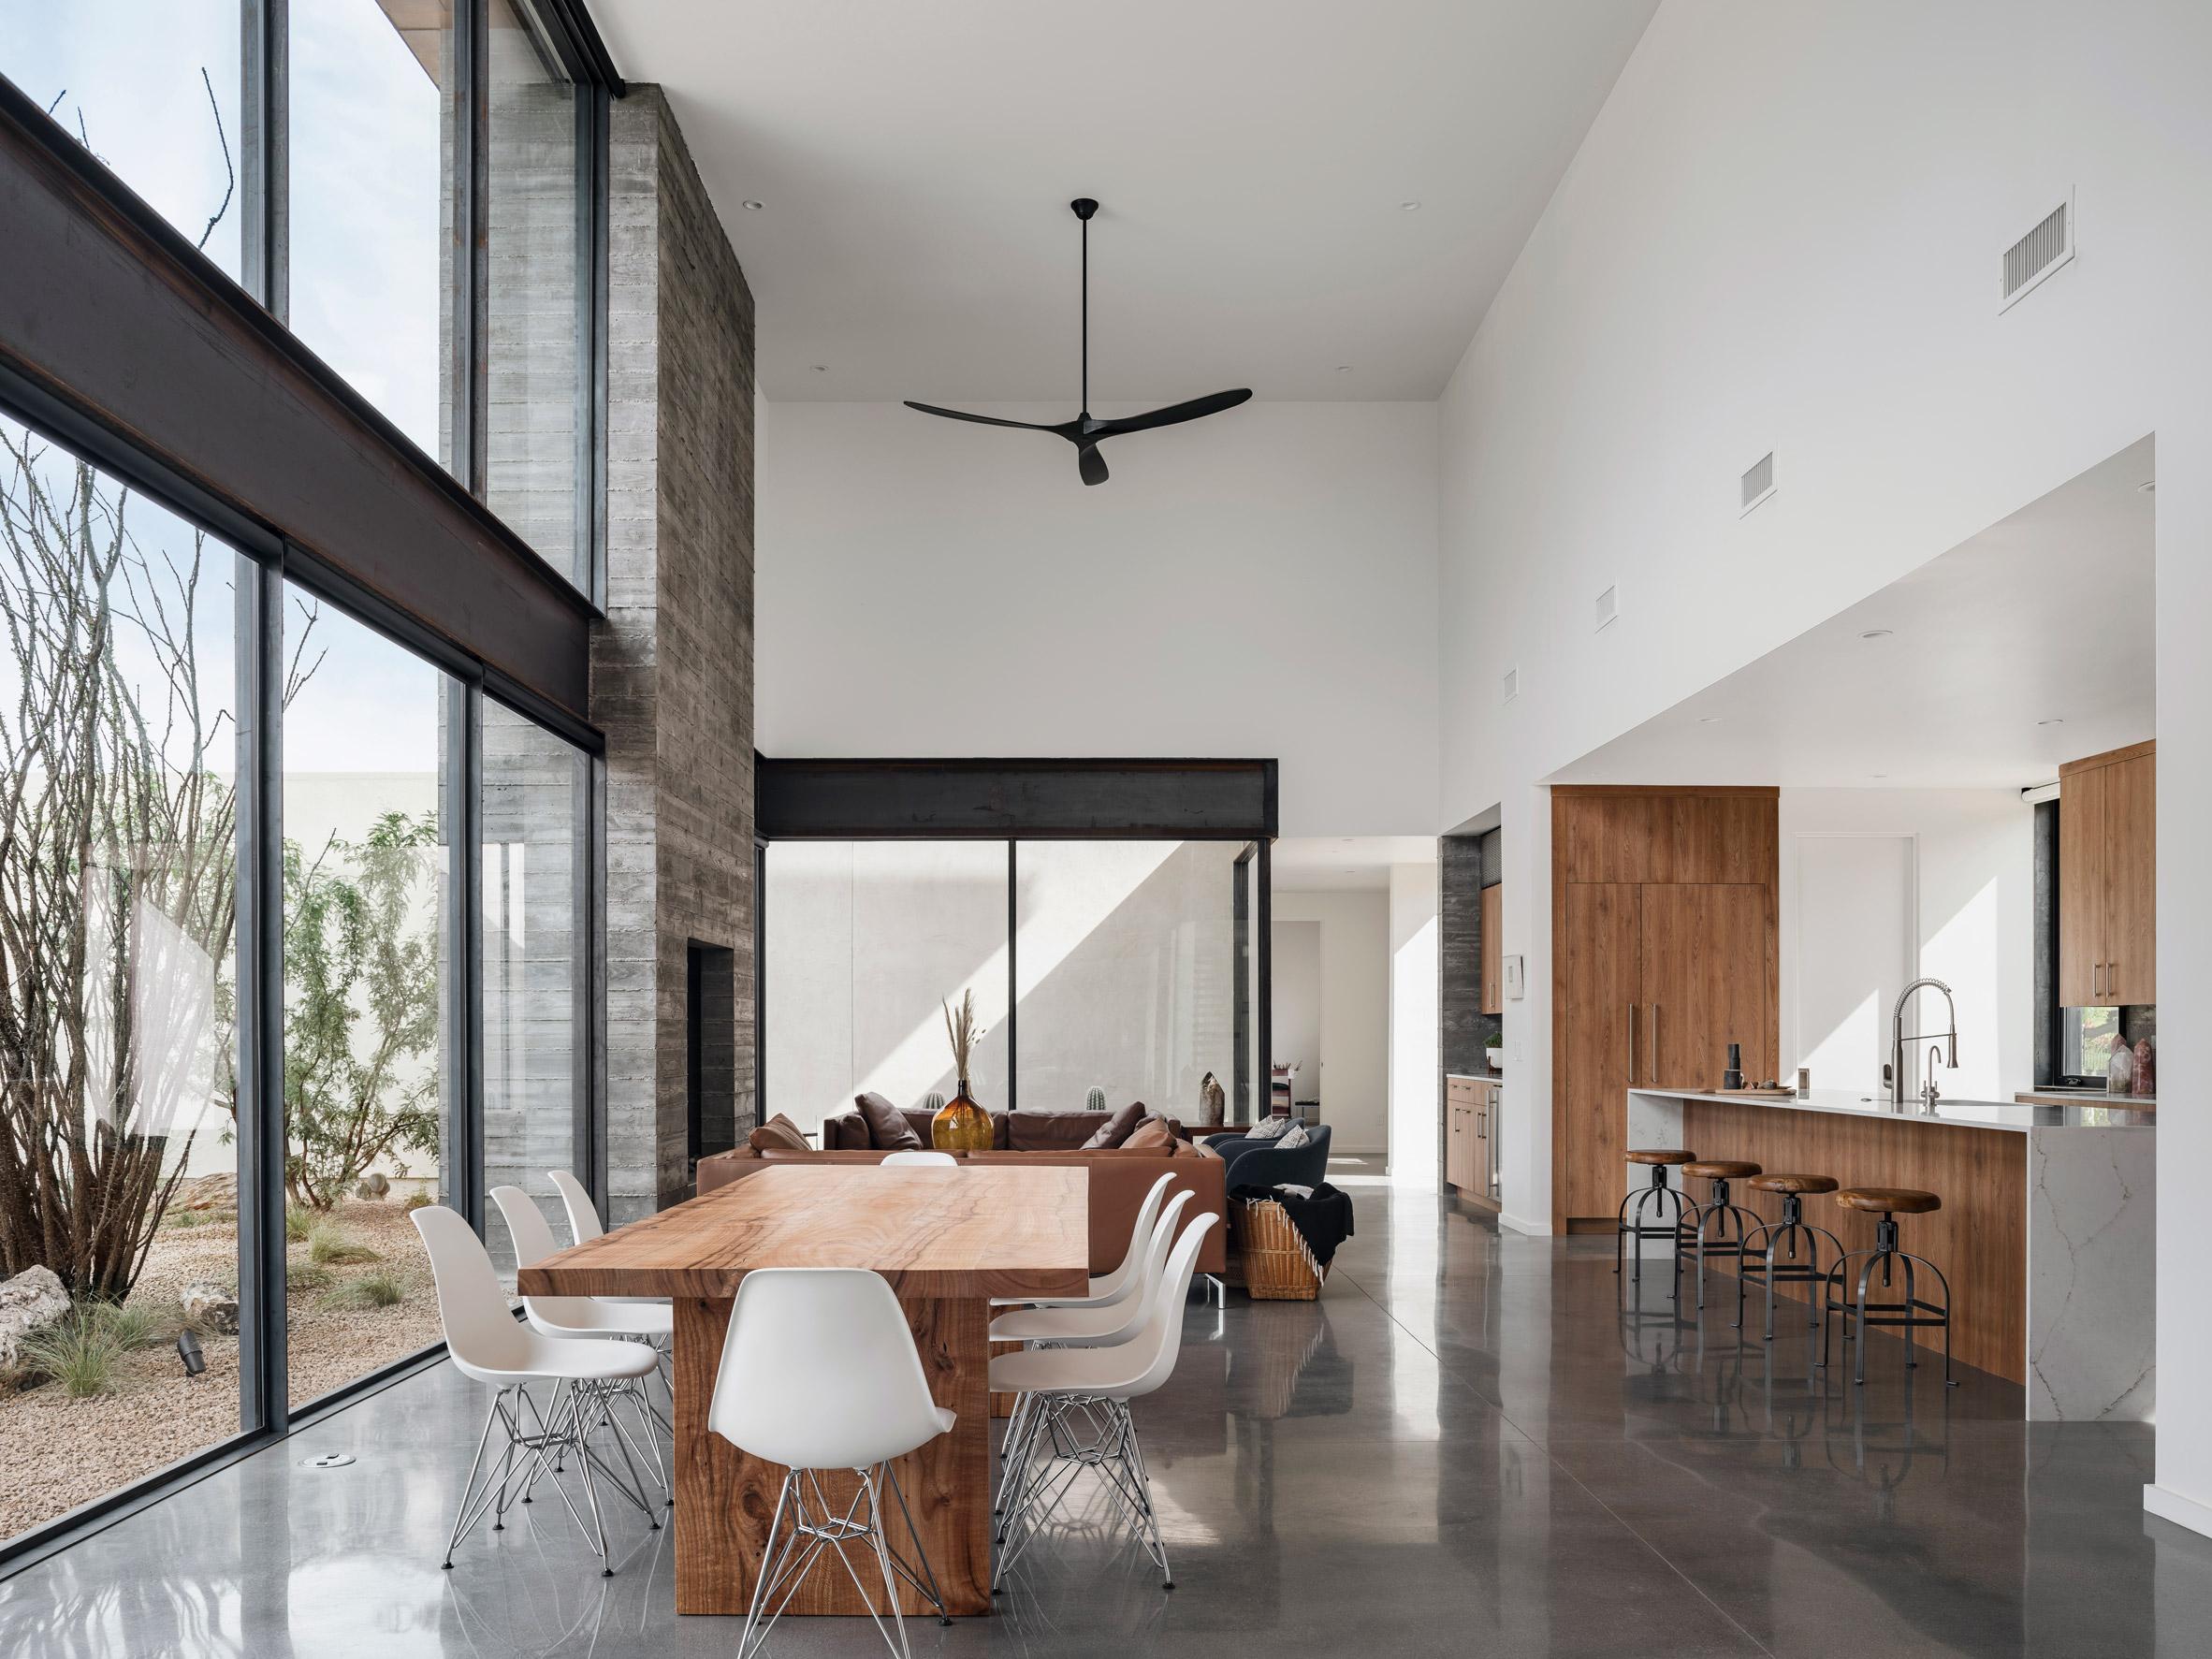 The Arizona home's kitchen